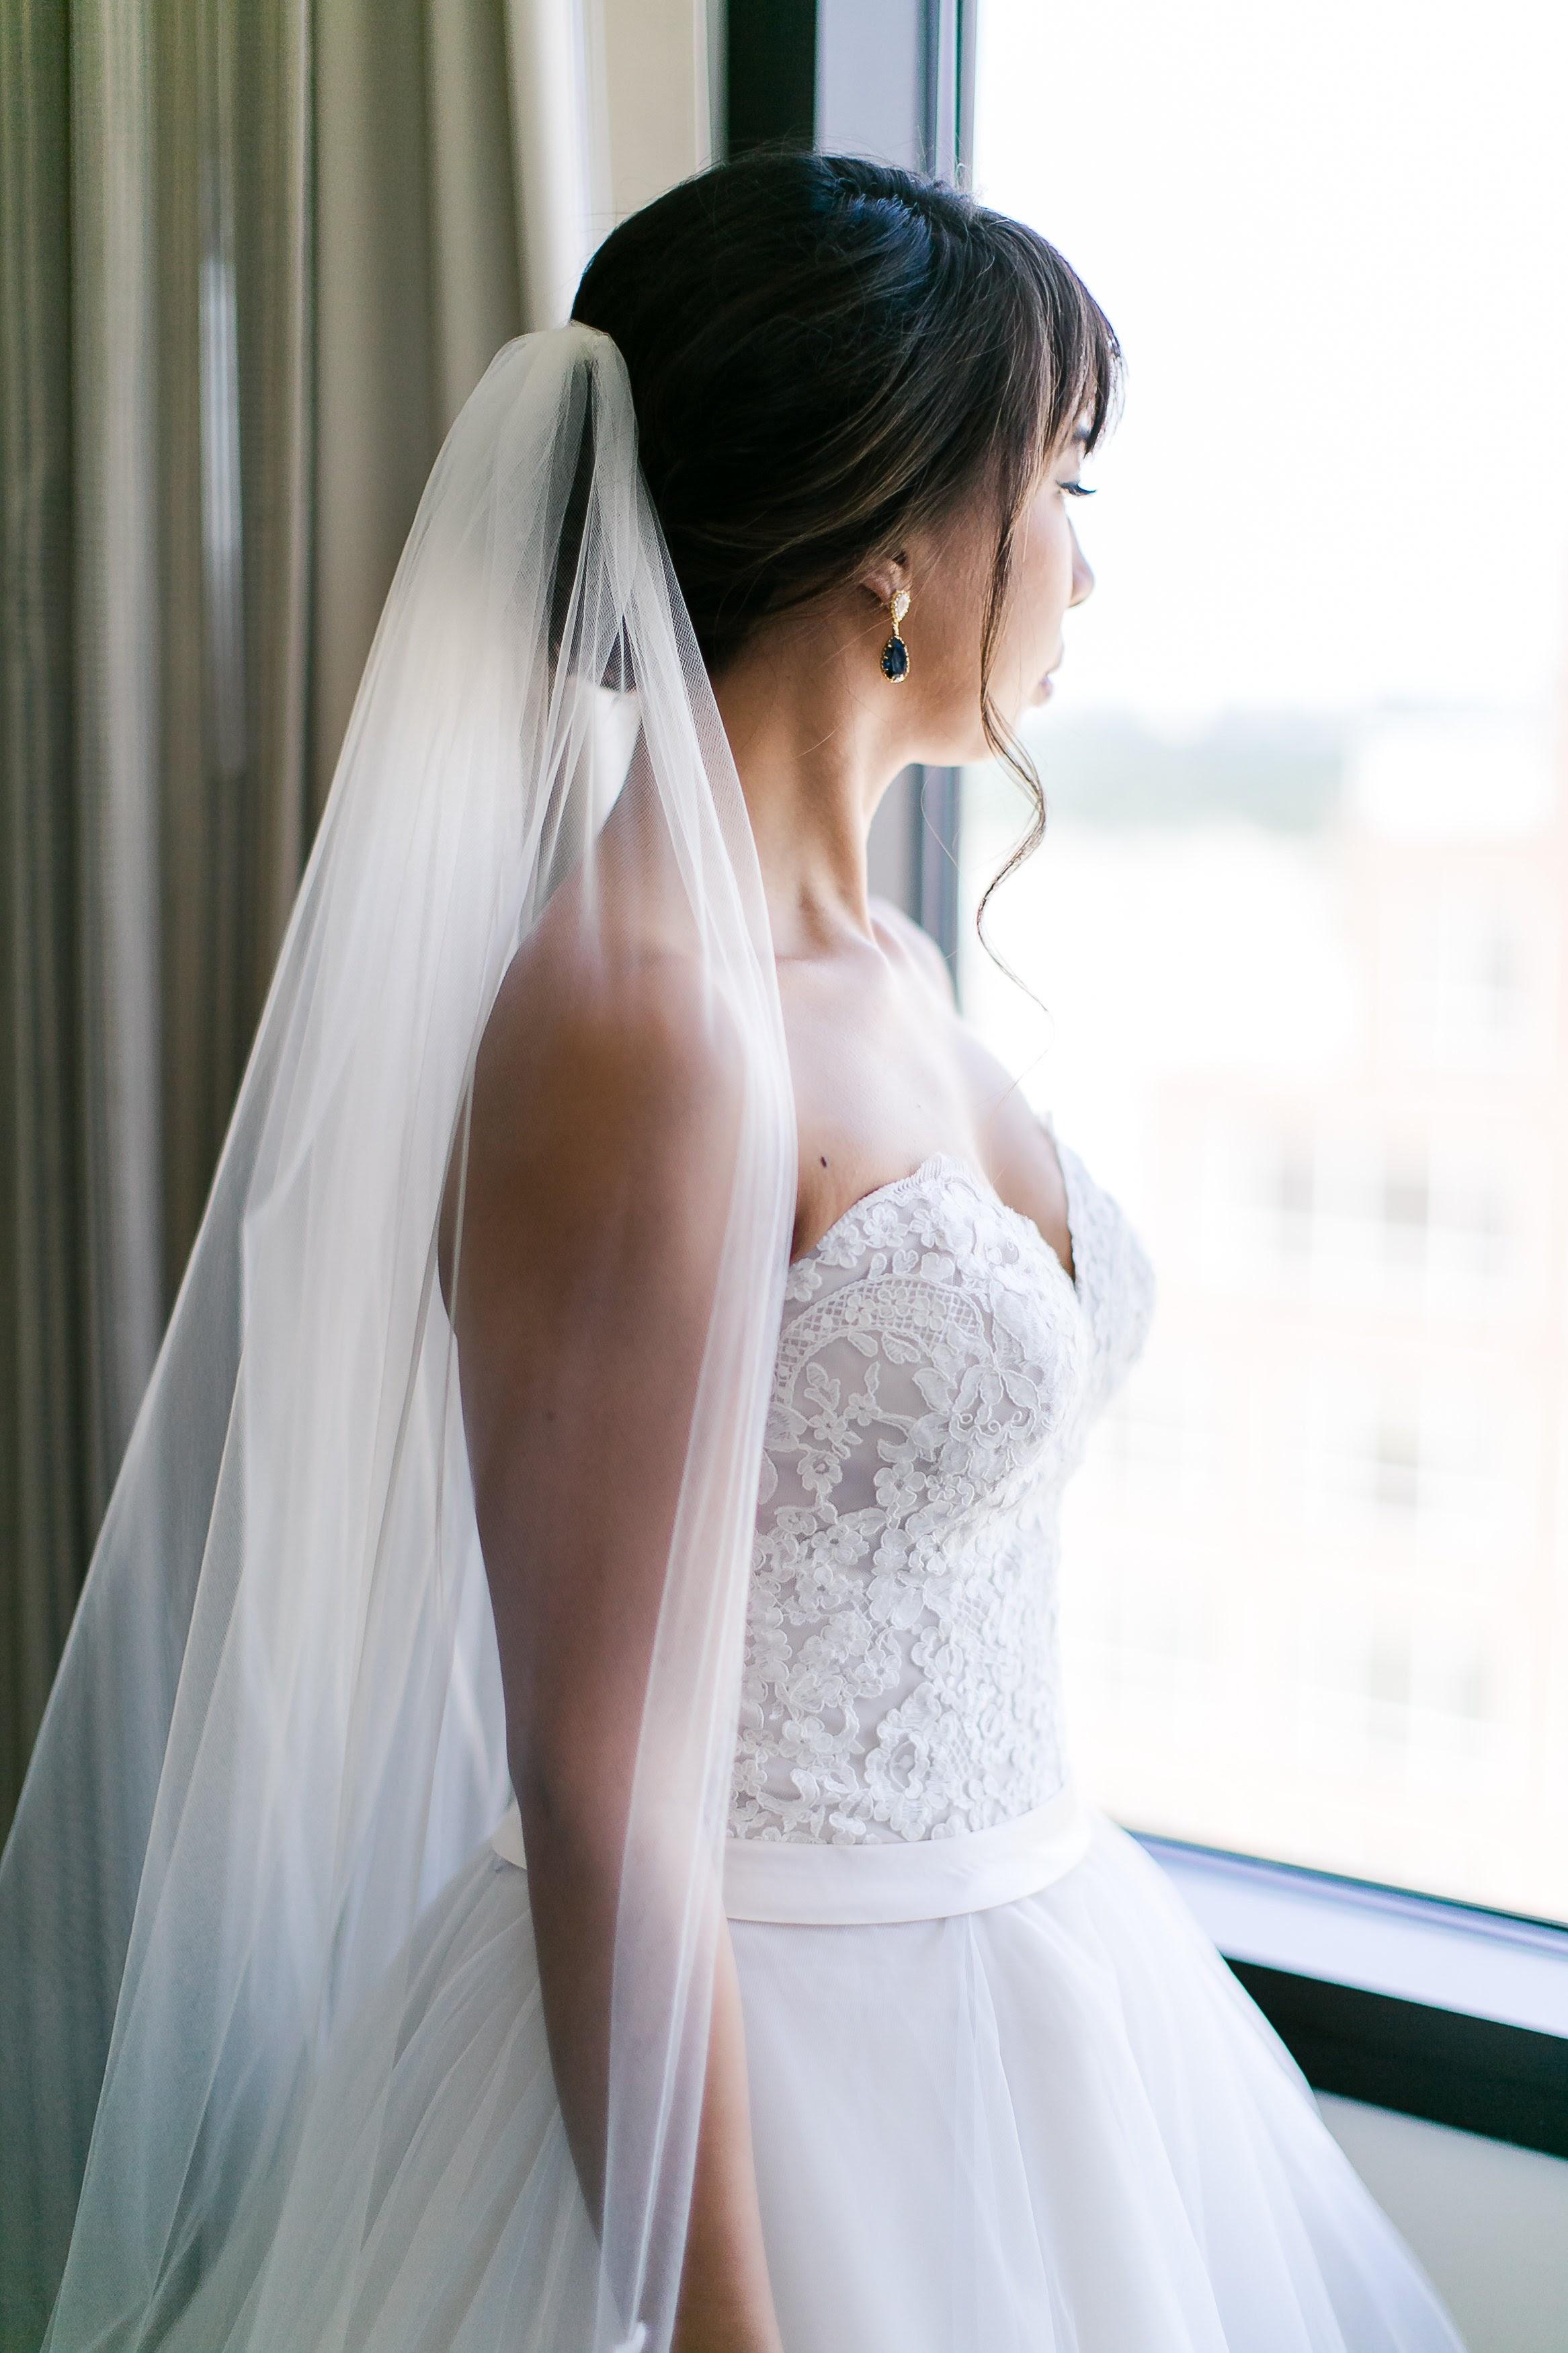 Bridal Jewelry - Blue Earrings - Swarovski Earrings